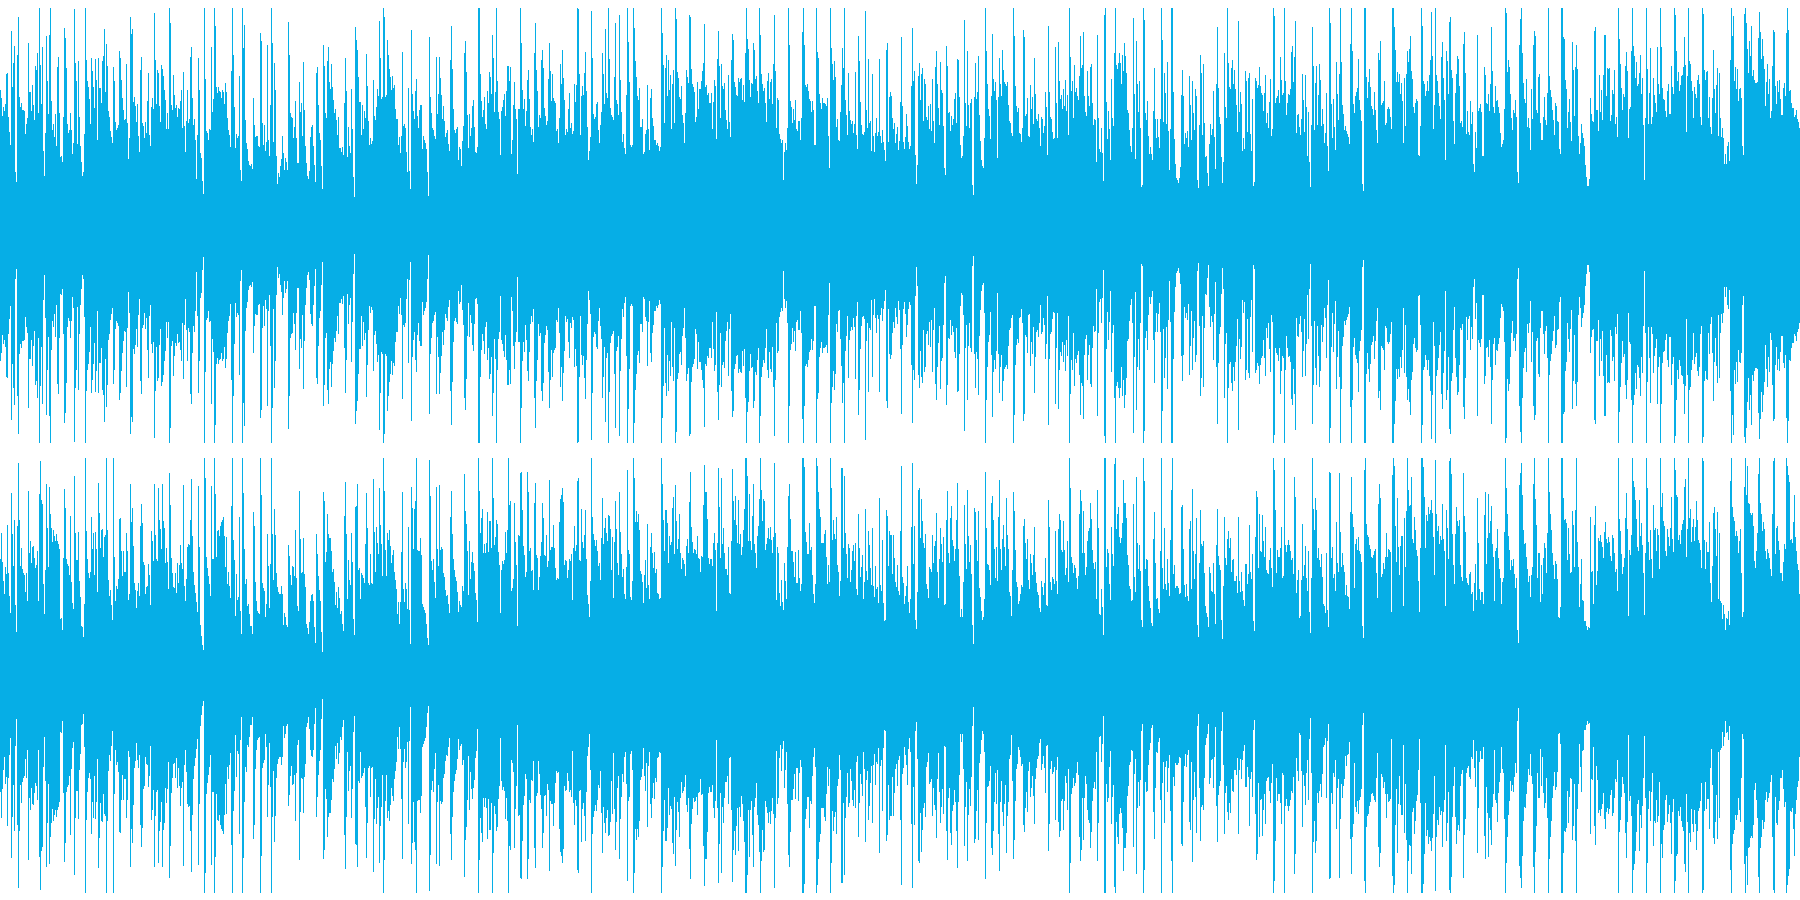 エキサイティングなクラブジャズ※ループ版の再生済みの波形